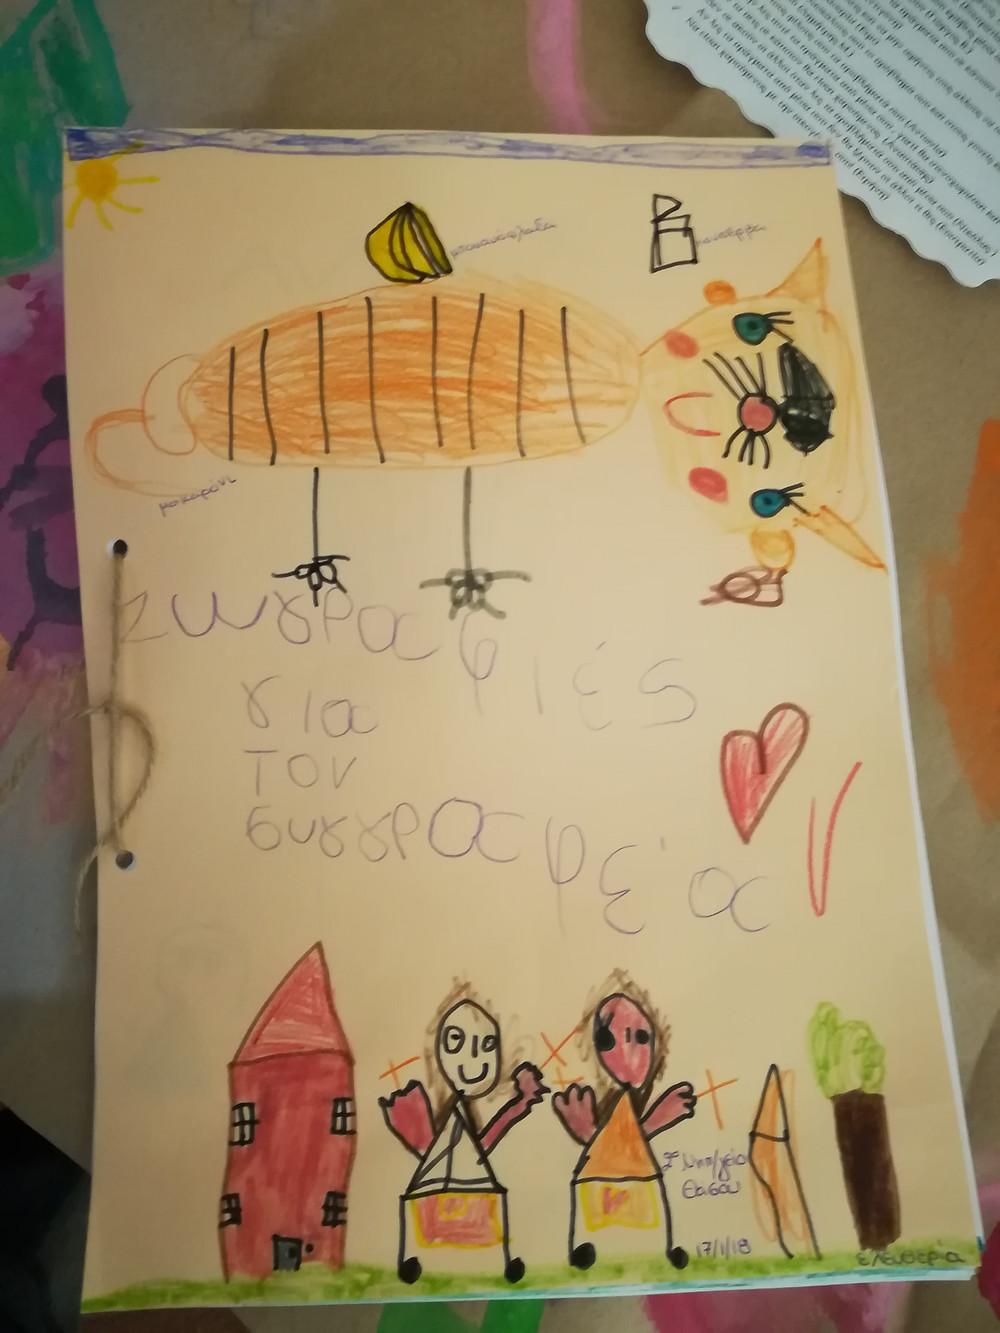 Ένα γράμμα, ένα παραμύθι, ζωγραφιές, κατασκευές, μια πρόσκληση και πολλές ερωτήσεις είναι τα καλύτερα δώρα που μπορείς να πάρεις. Πολύ σας ευχαριστώ παιδάκια του 2ου Νηπιαγωγείου Λιμένα Θάσου. Άννα, θα έρθω. Υπόσχεση. Ουφ, τα είπα από έξω μου.